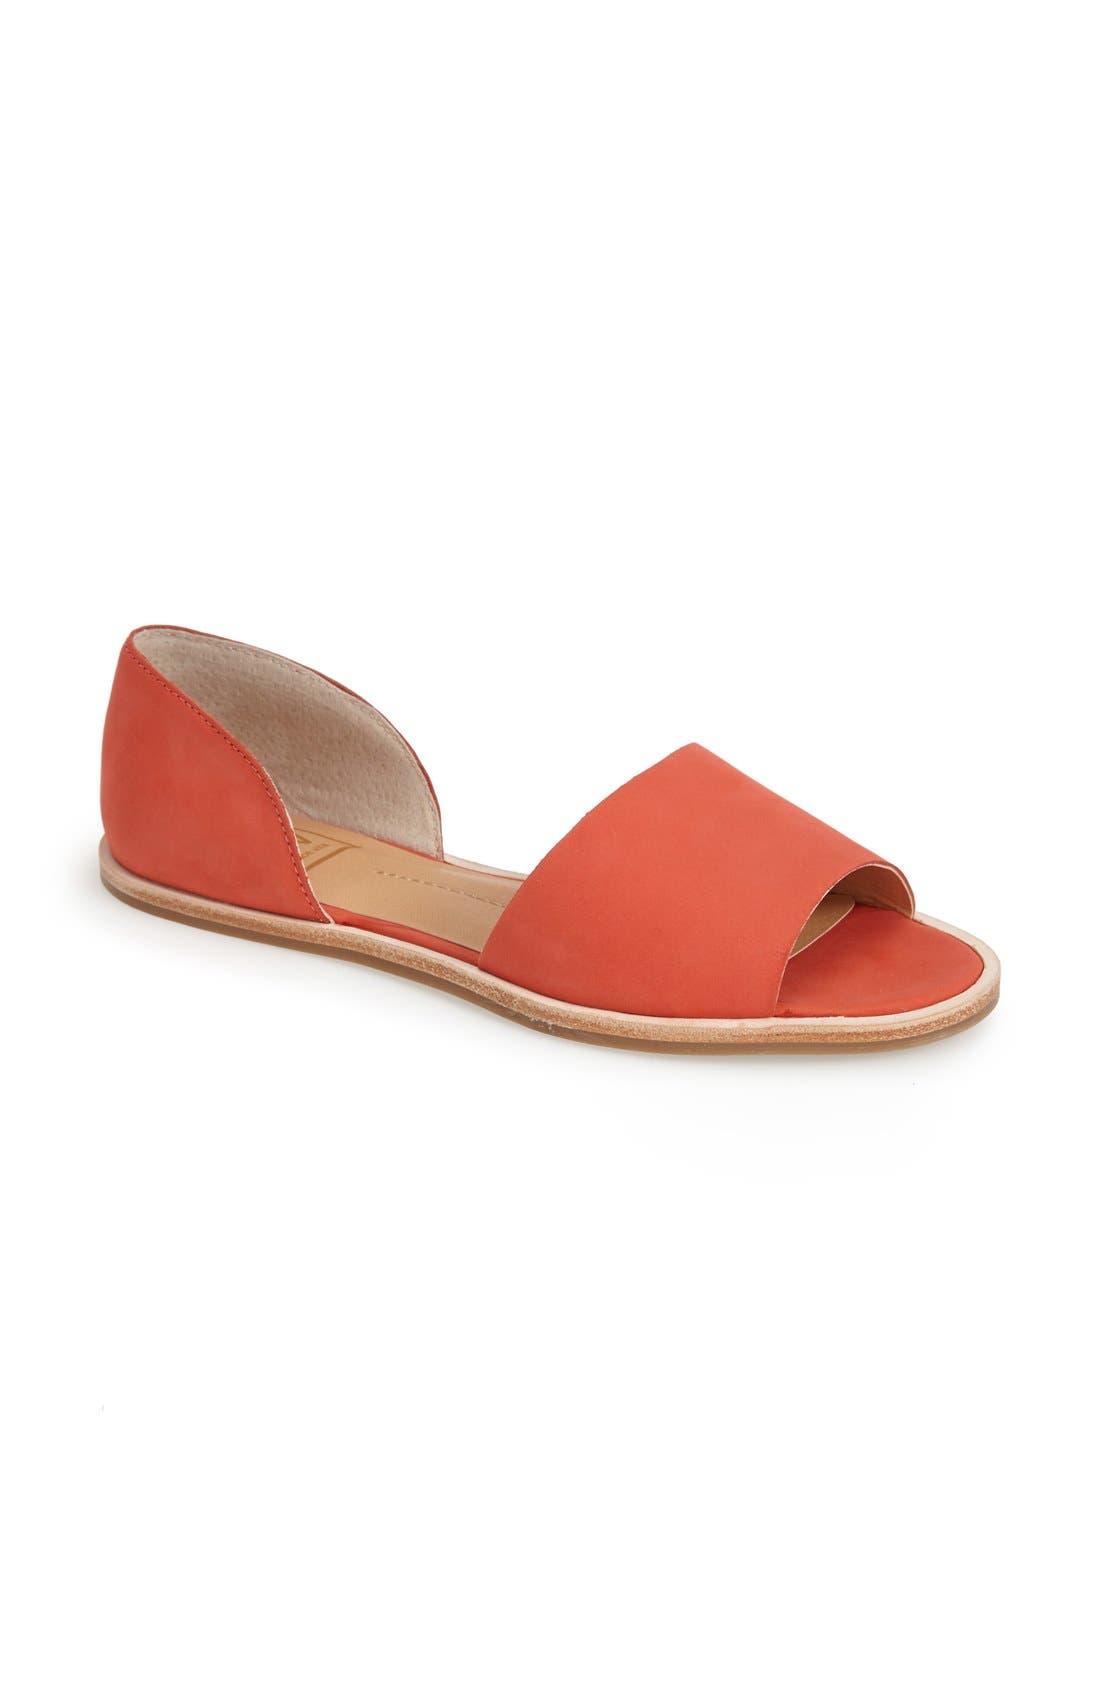 Main Image - DV by Dolce Vita 'Datsun' Leather Sandal (Women)